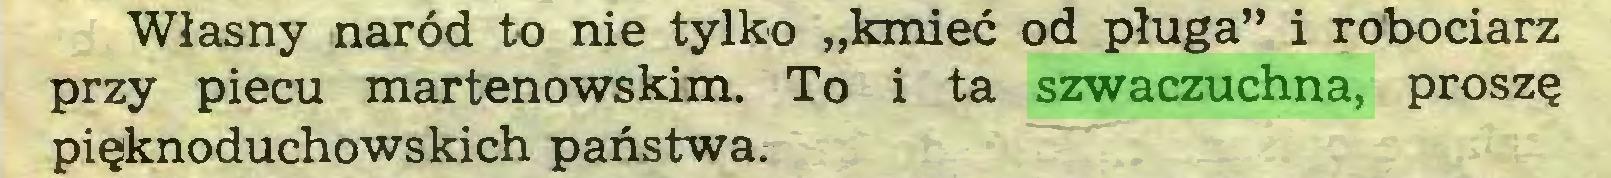 """(...) Własny naród to nie tylko """"kmieć od pługa"""" i robodarz przy piecu martenowskim. To i ta szwaczuchna, proszę pięknoduchowskich państwa..."""